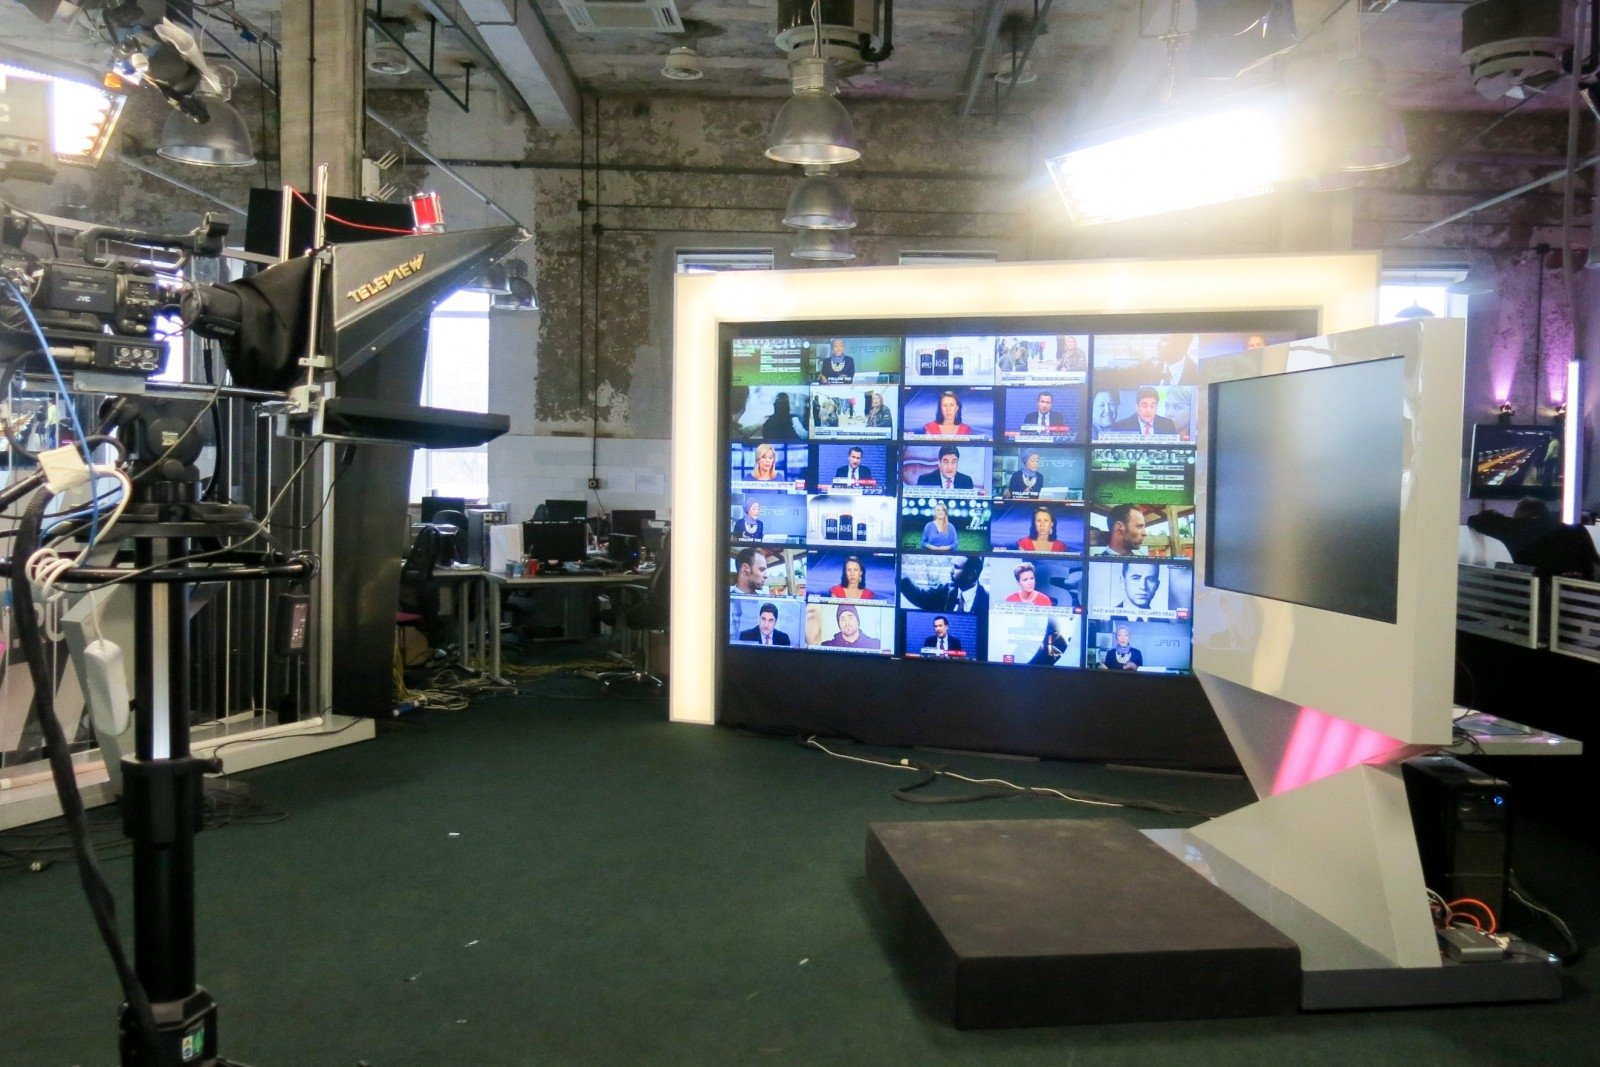 Нацсовет потелерадиовещанию обязал провайдеров отключить русский канал «Дождь»